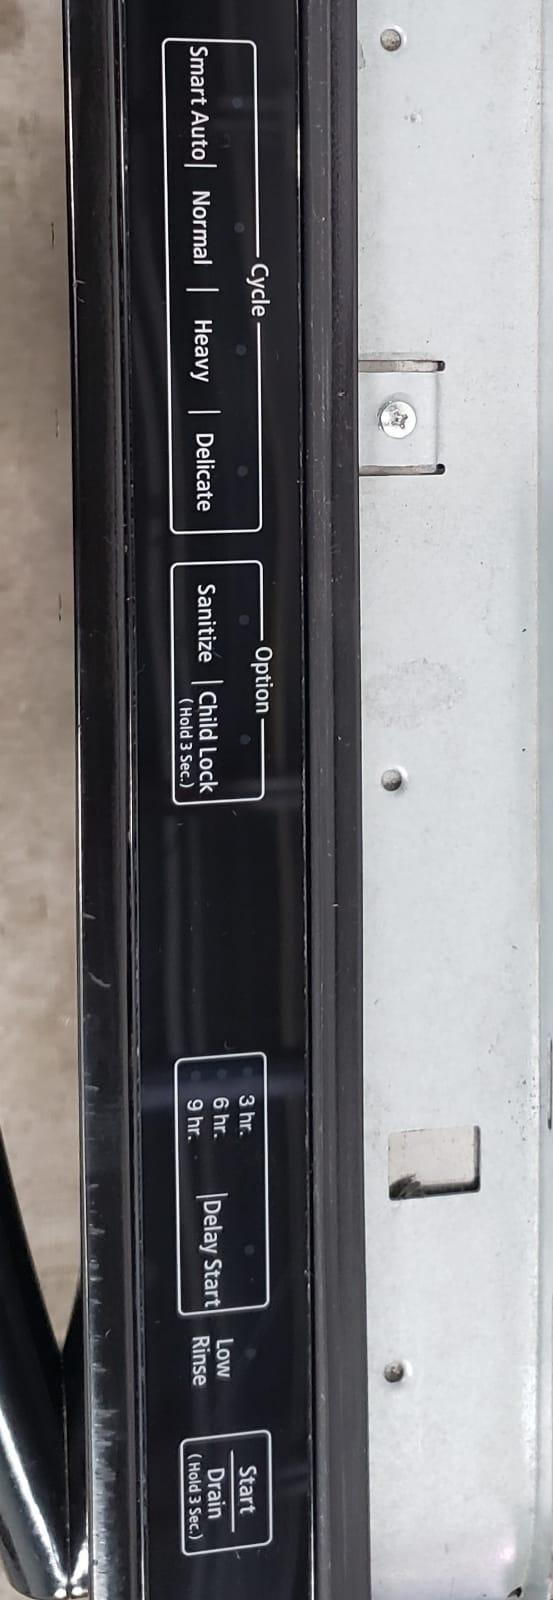 USED DISHWASHER - SAMSUNG DW80F600UTS/AC